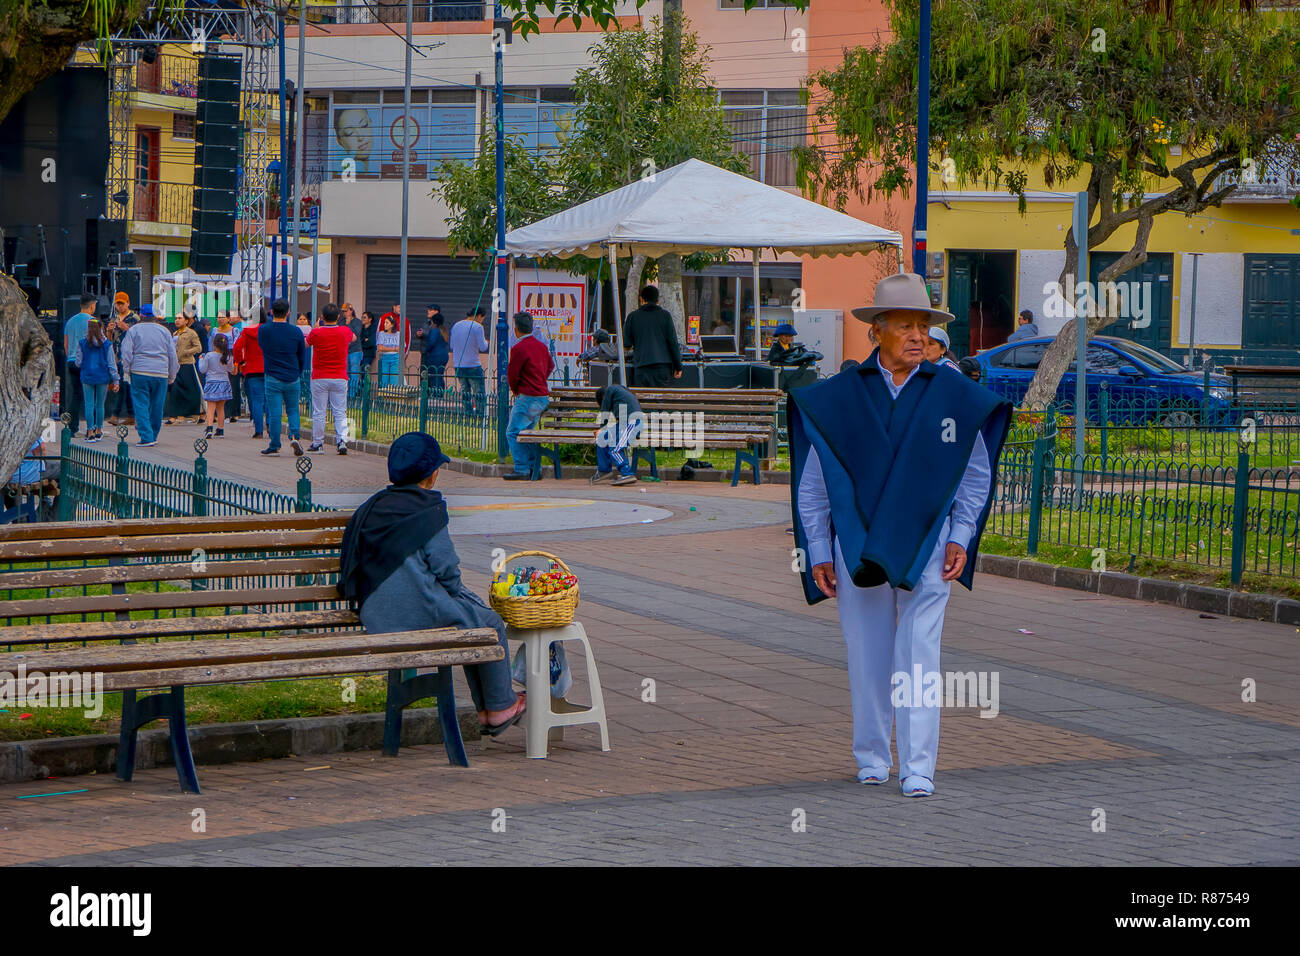 COTACACHI, ECUADOR, NOVEMBER 06, 2018: People in Calderon Park, Cotacachi, Ecuador, in front of Matriz Church Stock Photo